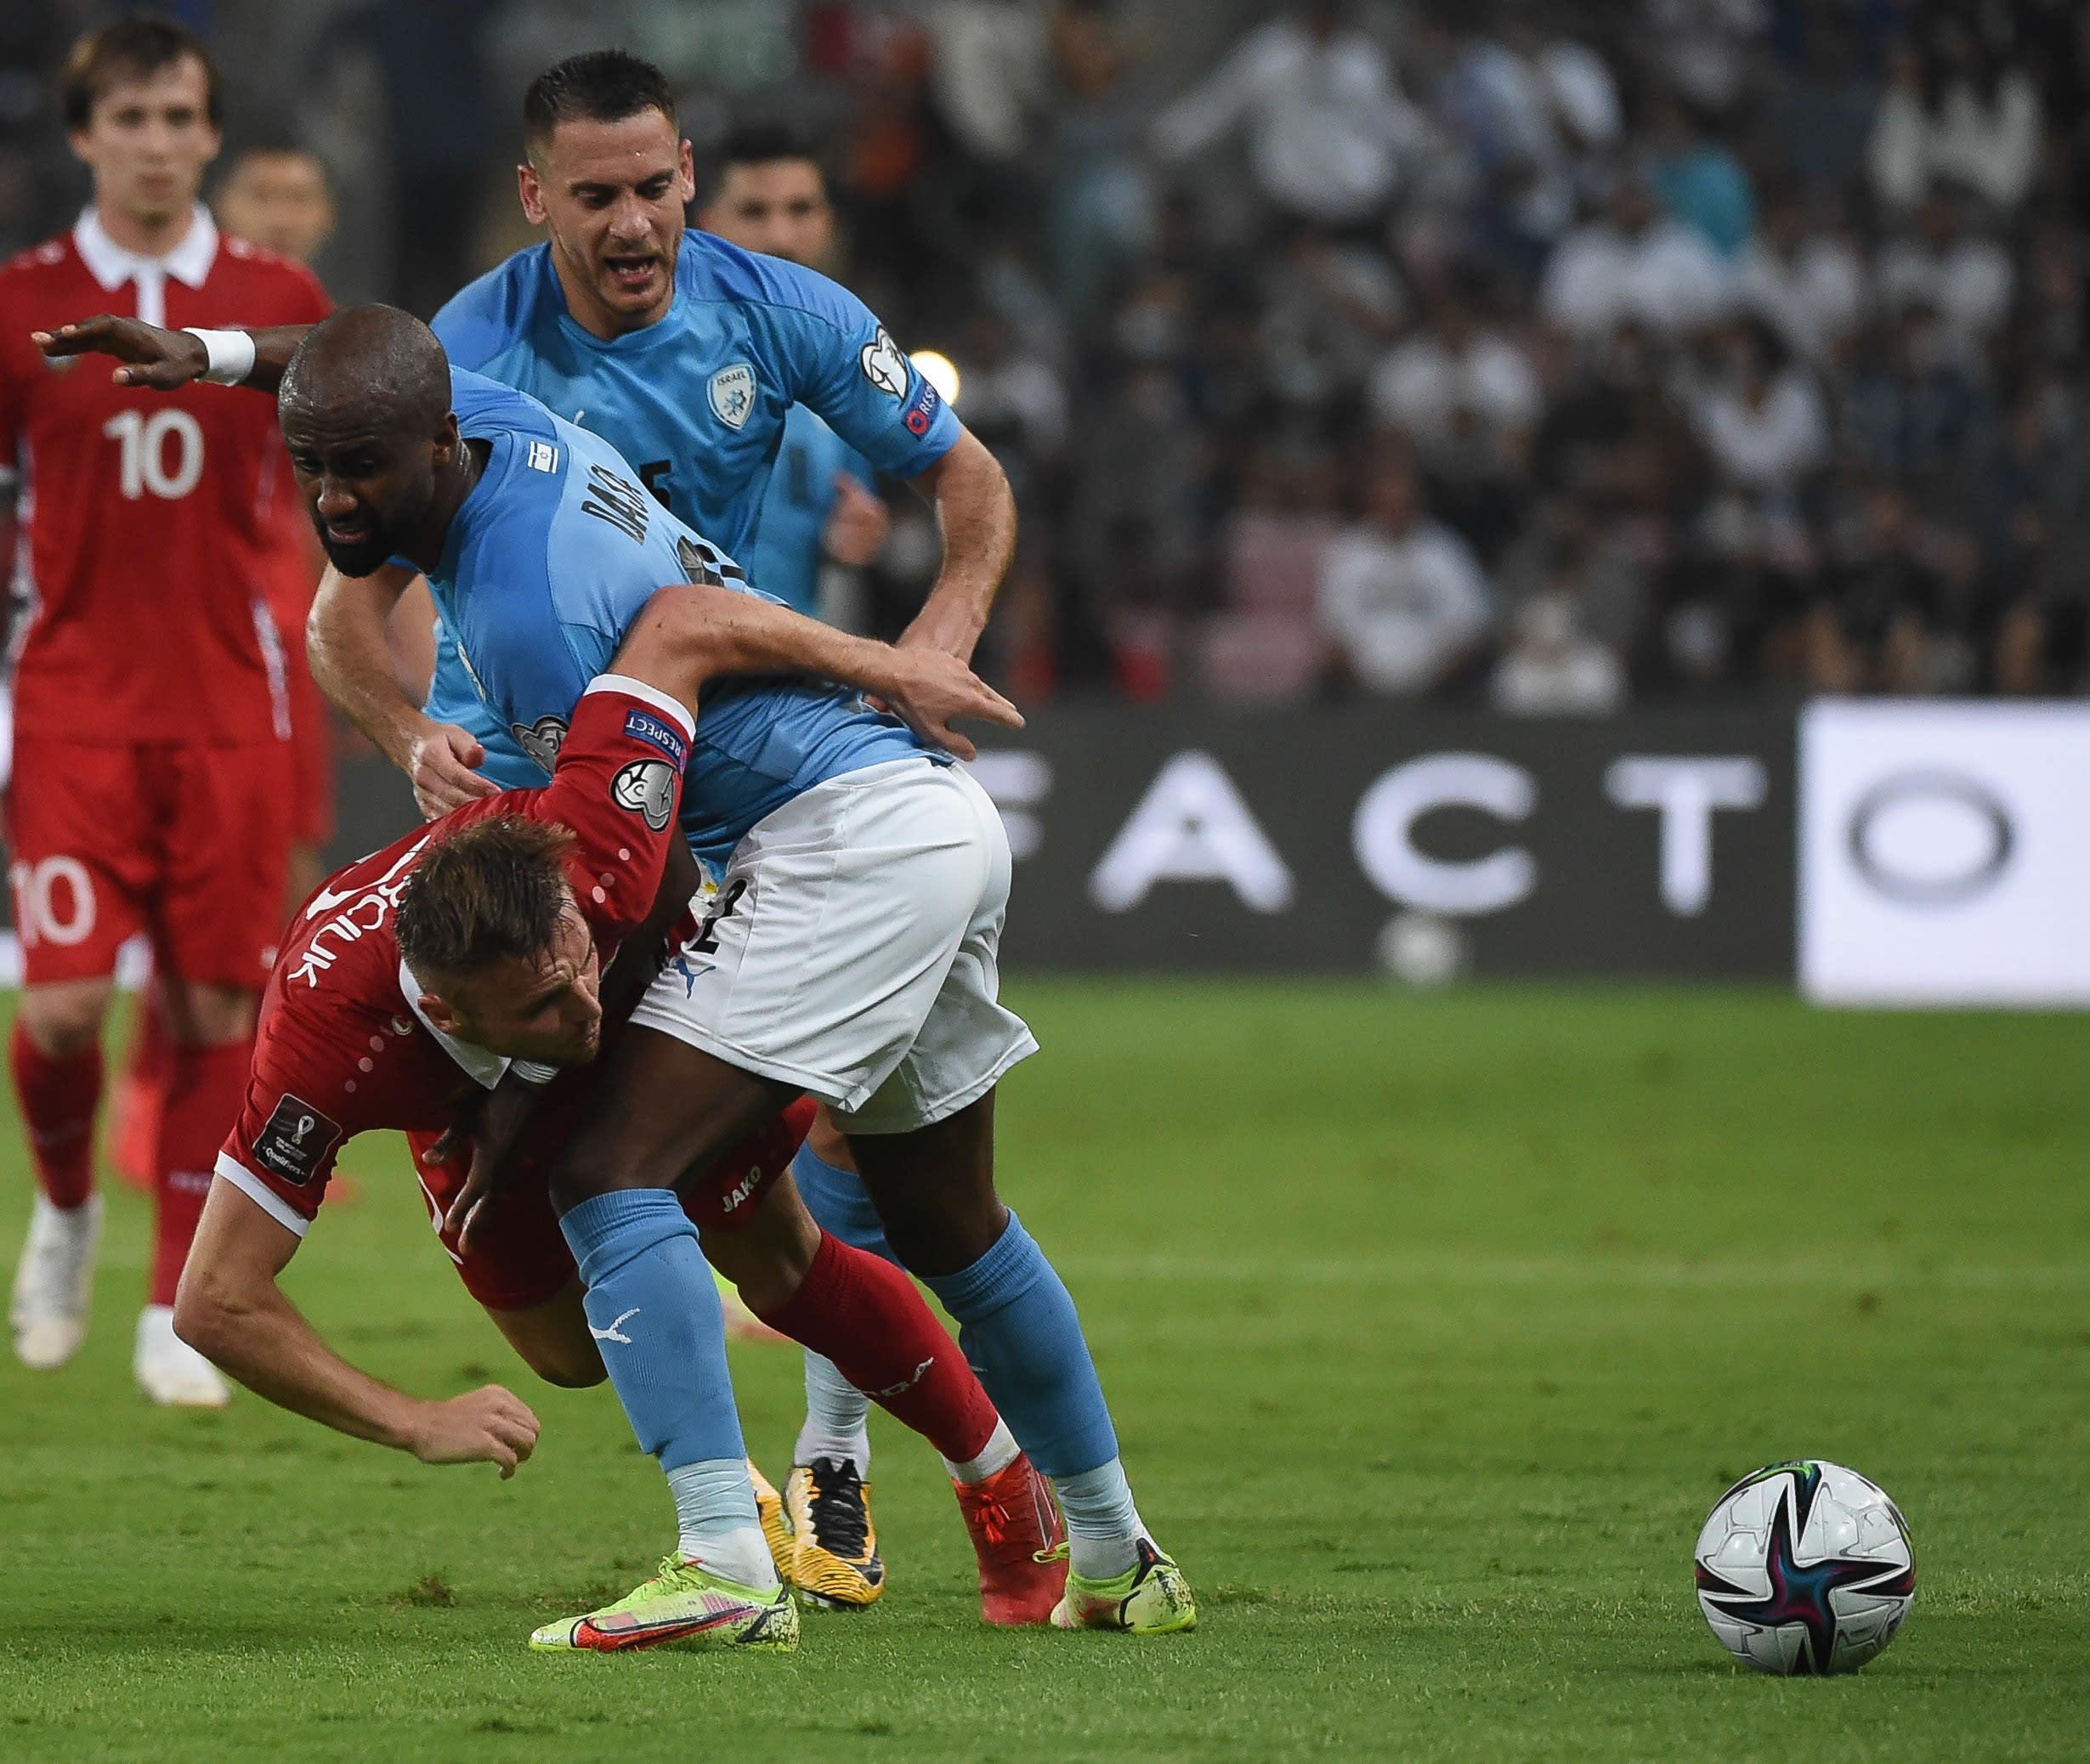 שחקני נבחרת ישראל, אלי דסה, איאד אבו עביד מול נבחרת מולדובה